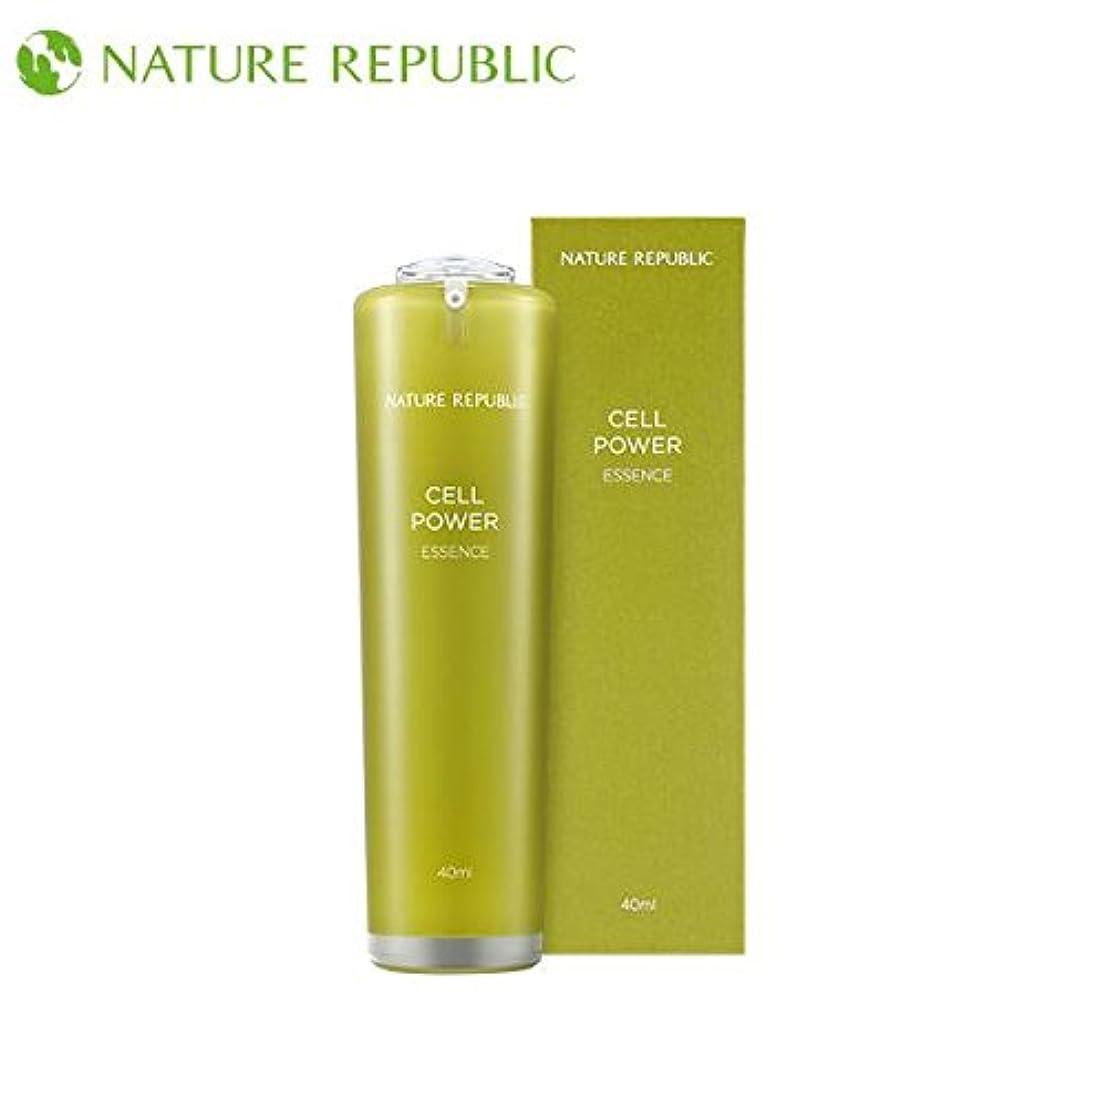 傷つきやすいガチョウ基準正規輸入品 NATURE REPUBLIC(ネイチャーリパブリック) CP エッセンス 美容液 40ml NJ1172